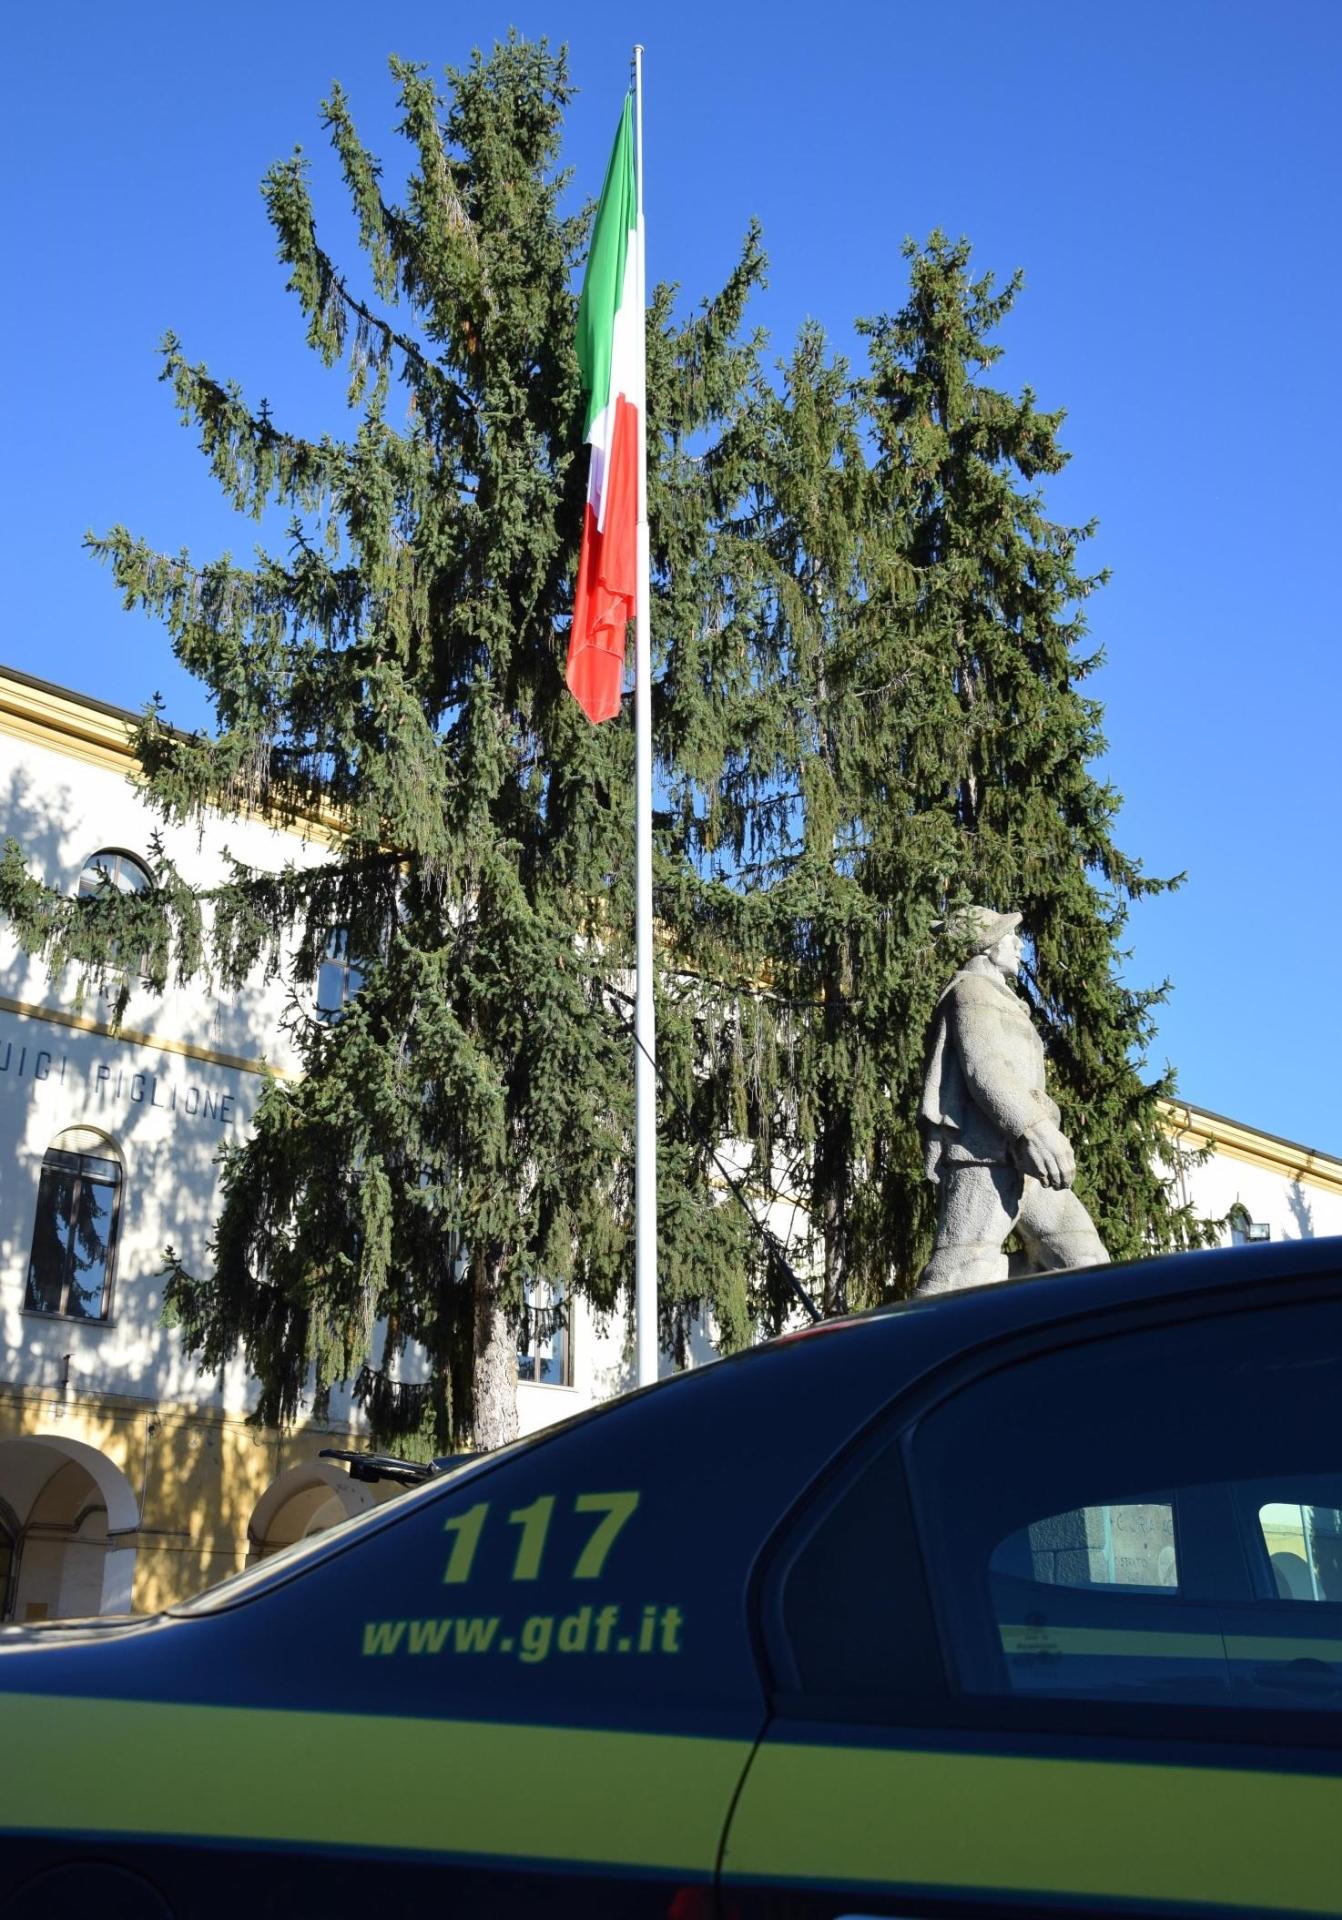 Gdf Cuneo